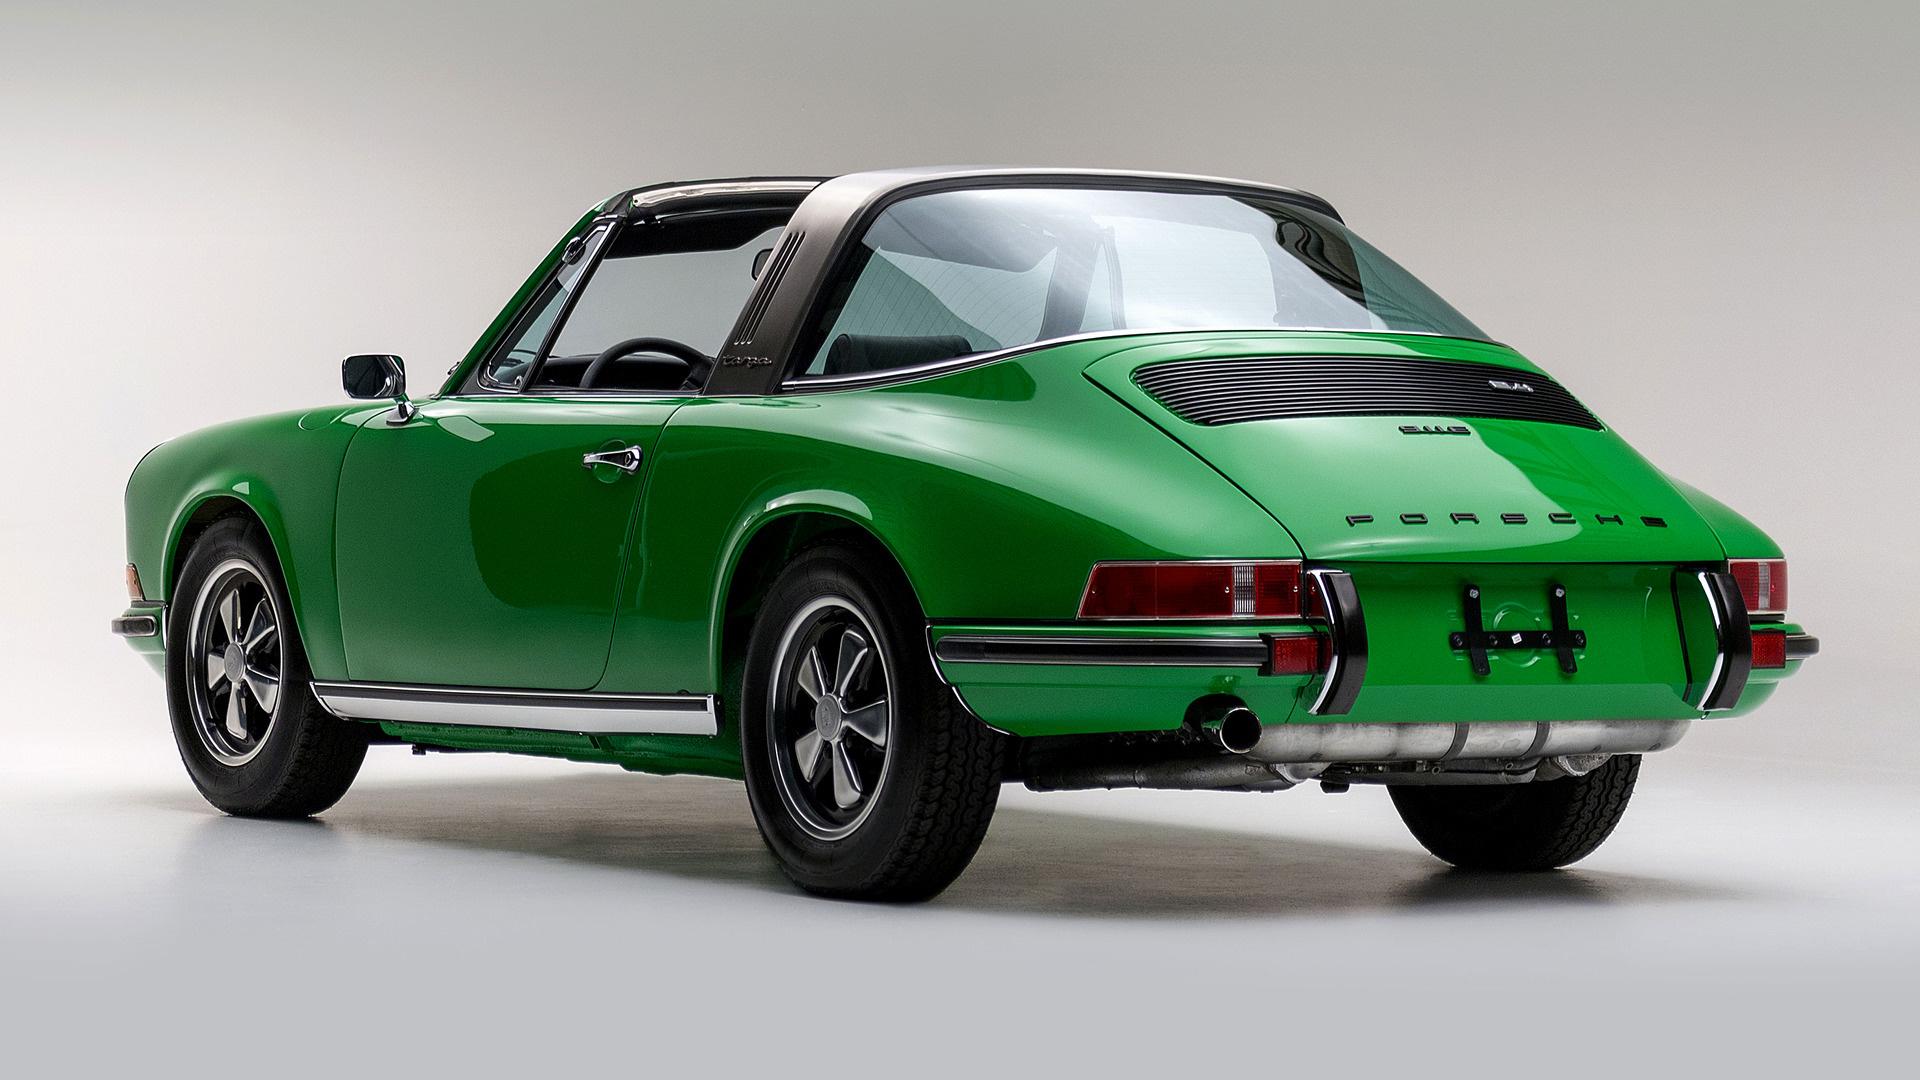 Targa Rwb Walpaper: 1972 Porsche 911 E Targa (US)